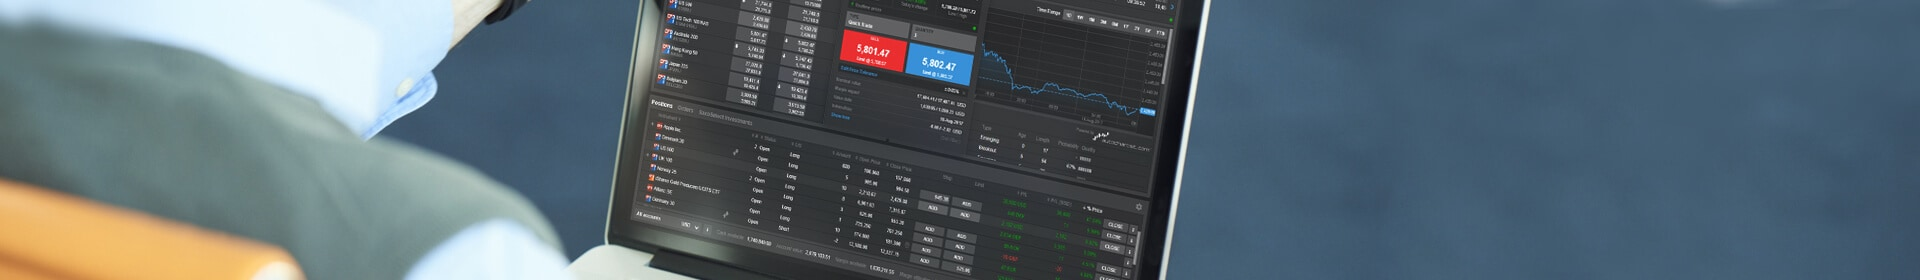 Existant depuis plus de ans, l'analyse technique est la base du trading, utilisée aujourd'hui par tous les traders. Sans sa maitrise, il est impossible de .